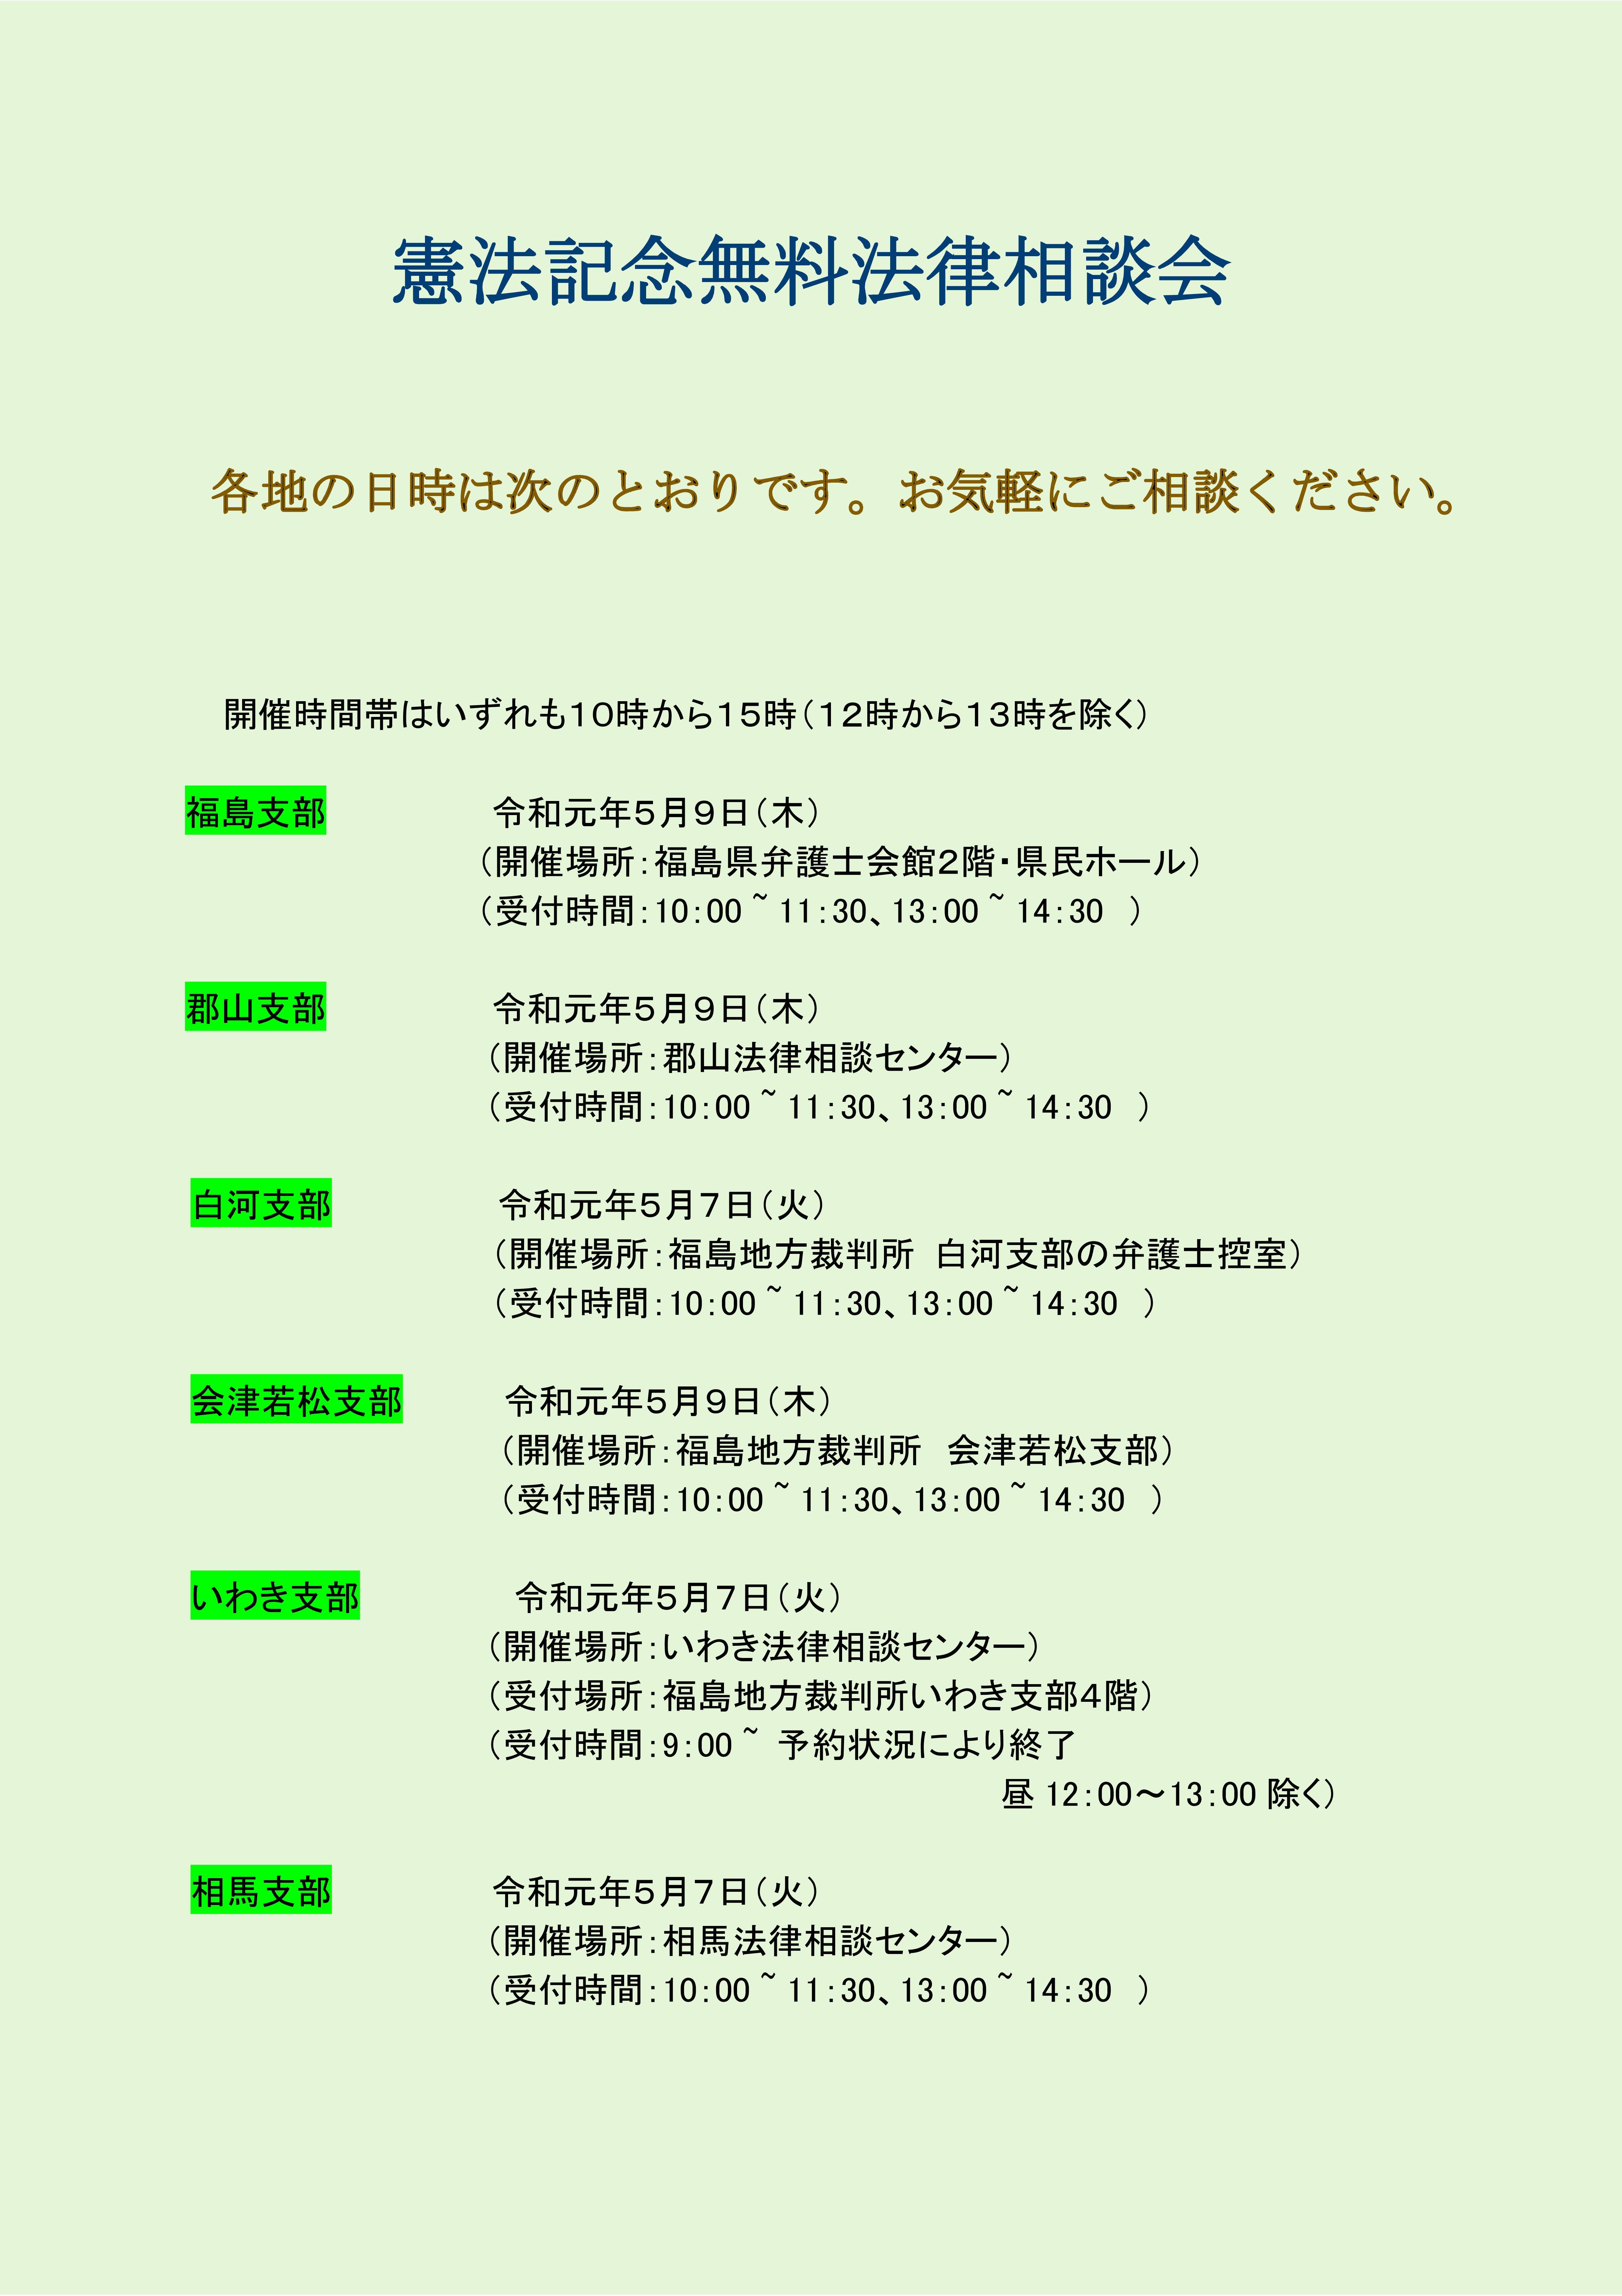 PDF ファイル